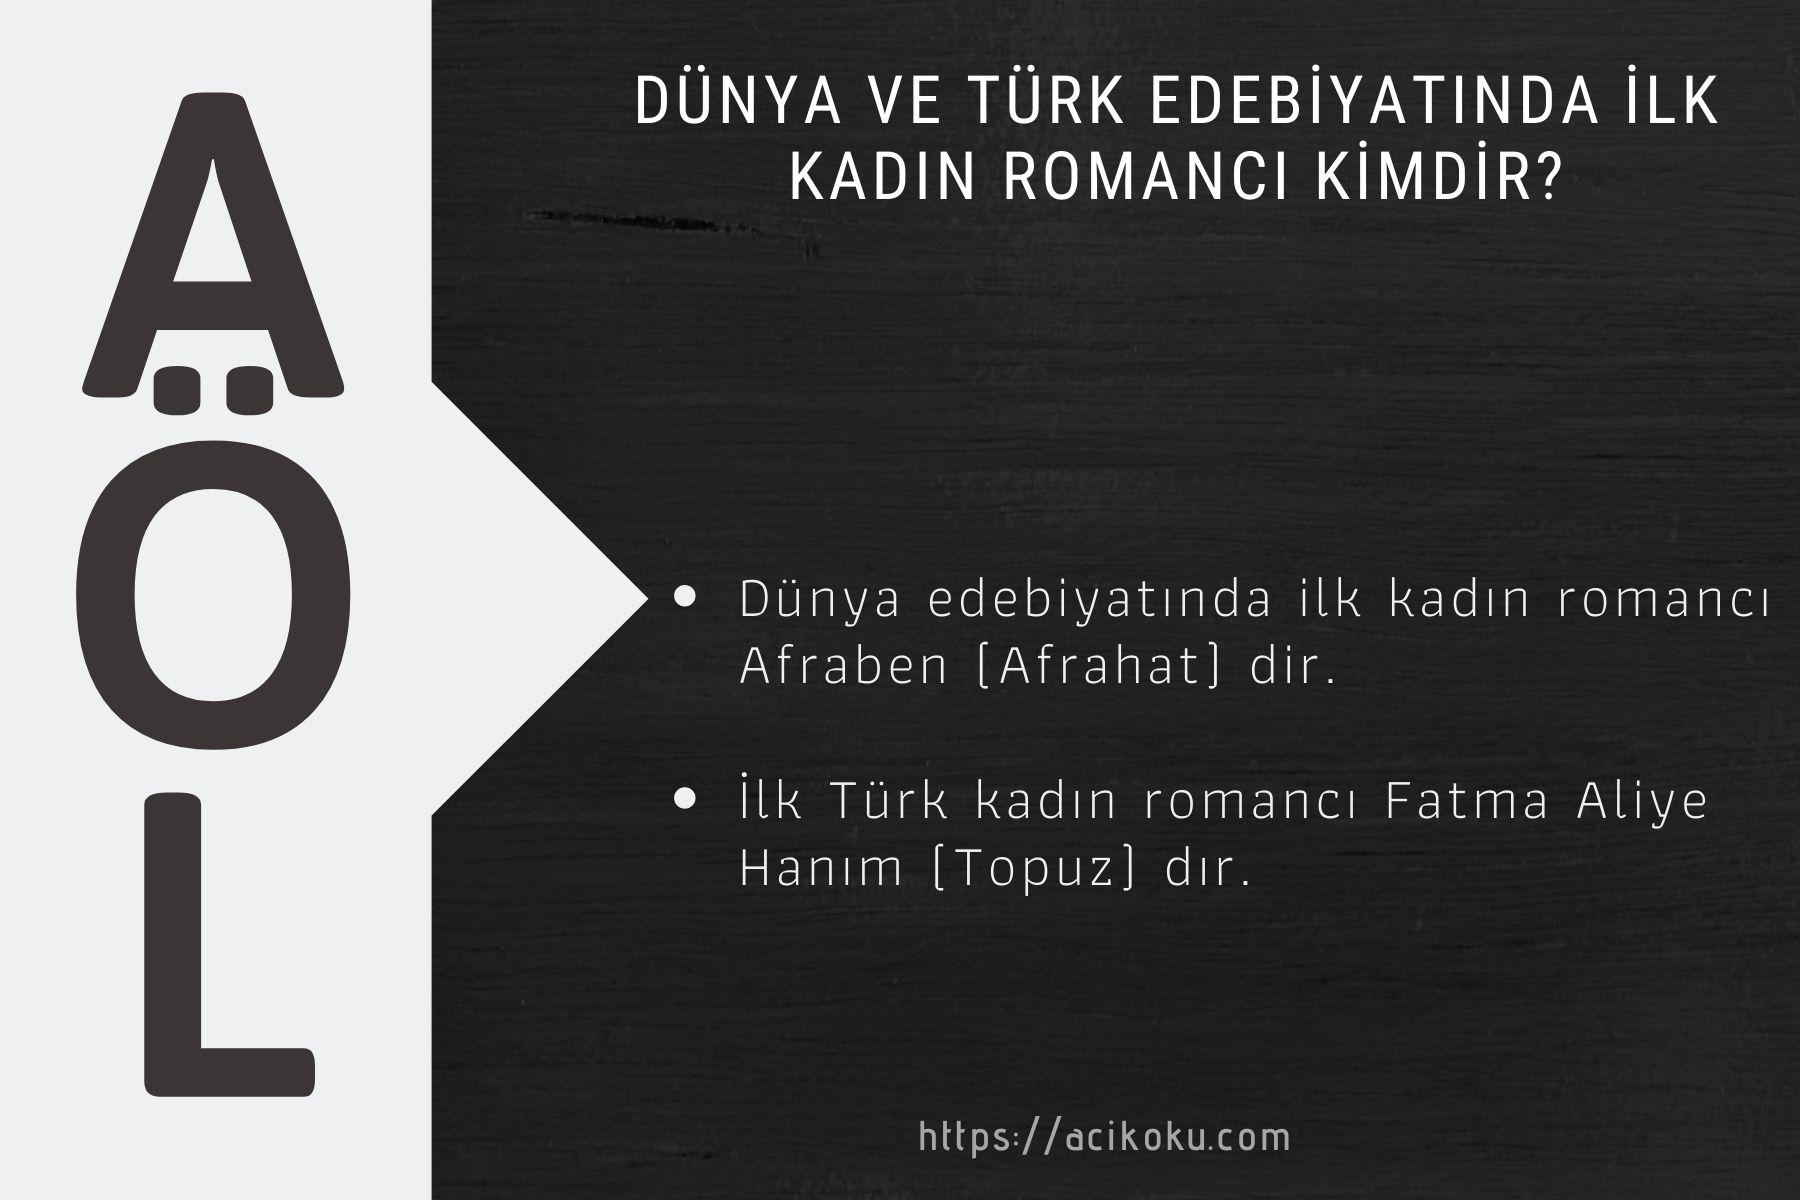 Dünya ve Türk Edebiyatında İlk Kadın Romancı Kimdir?